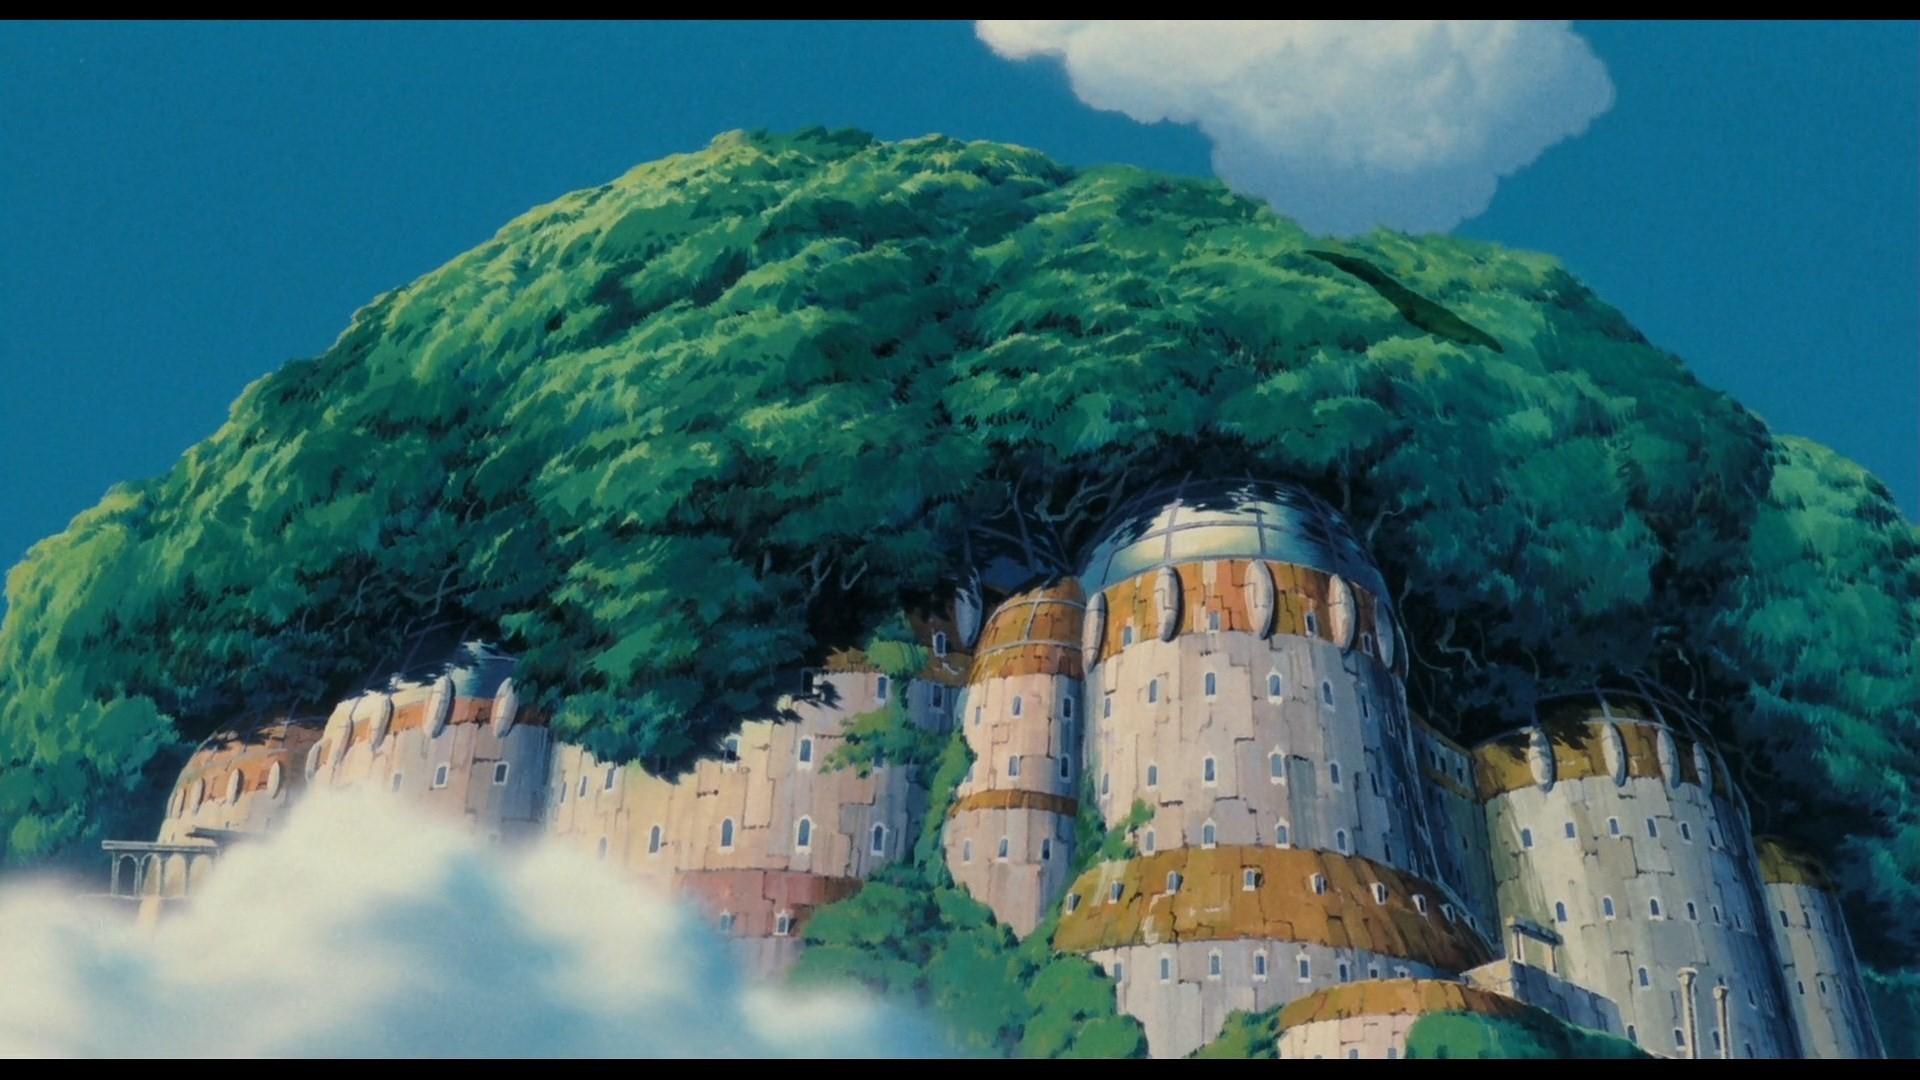 Ghibli PC Wallpaper HD